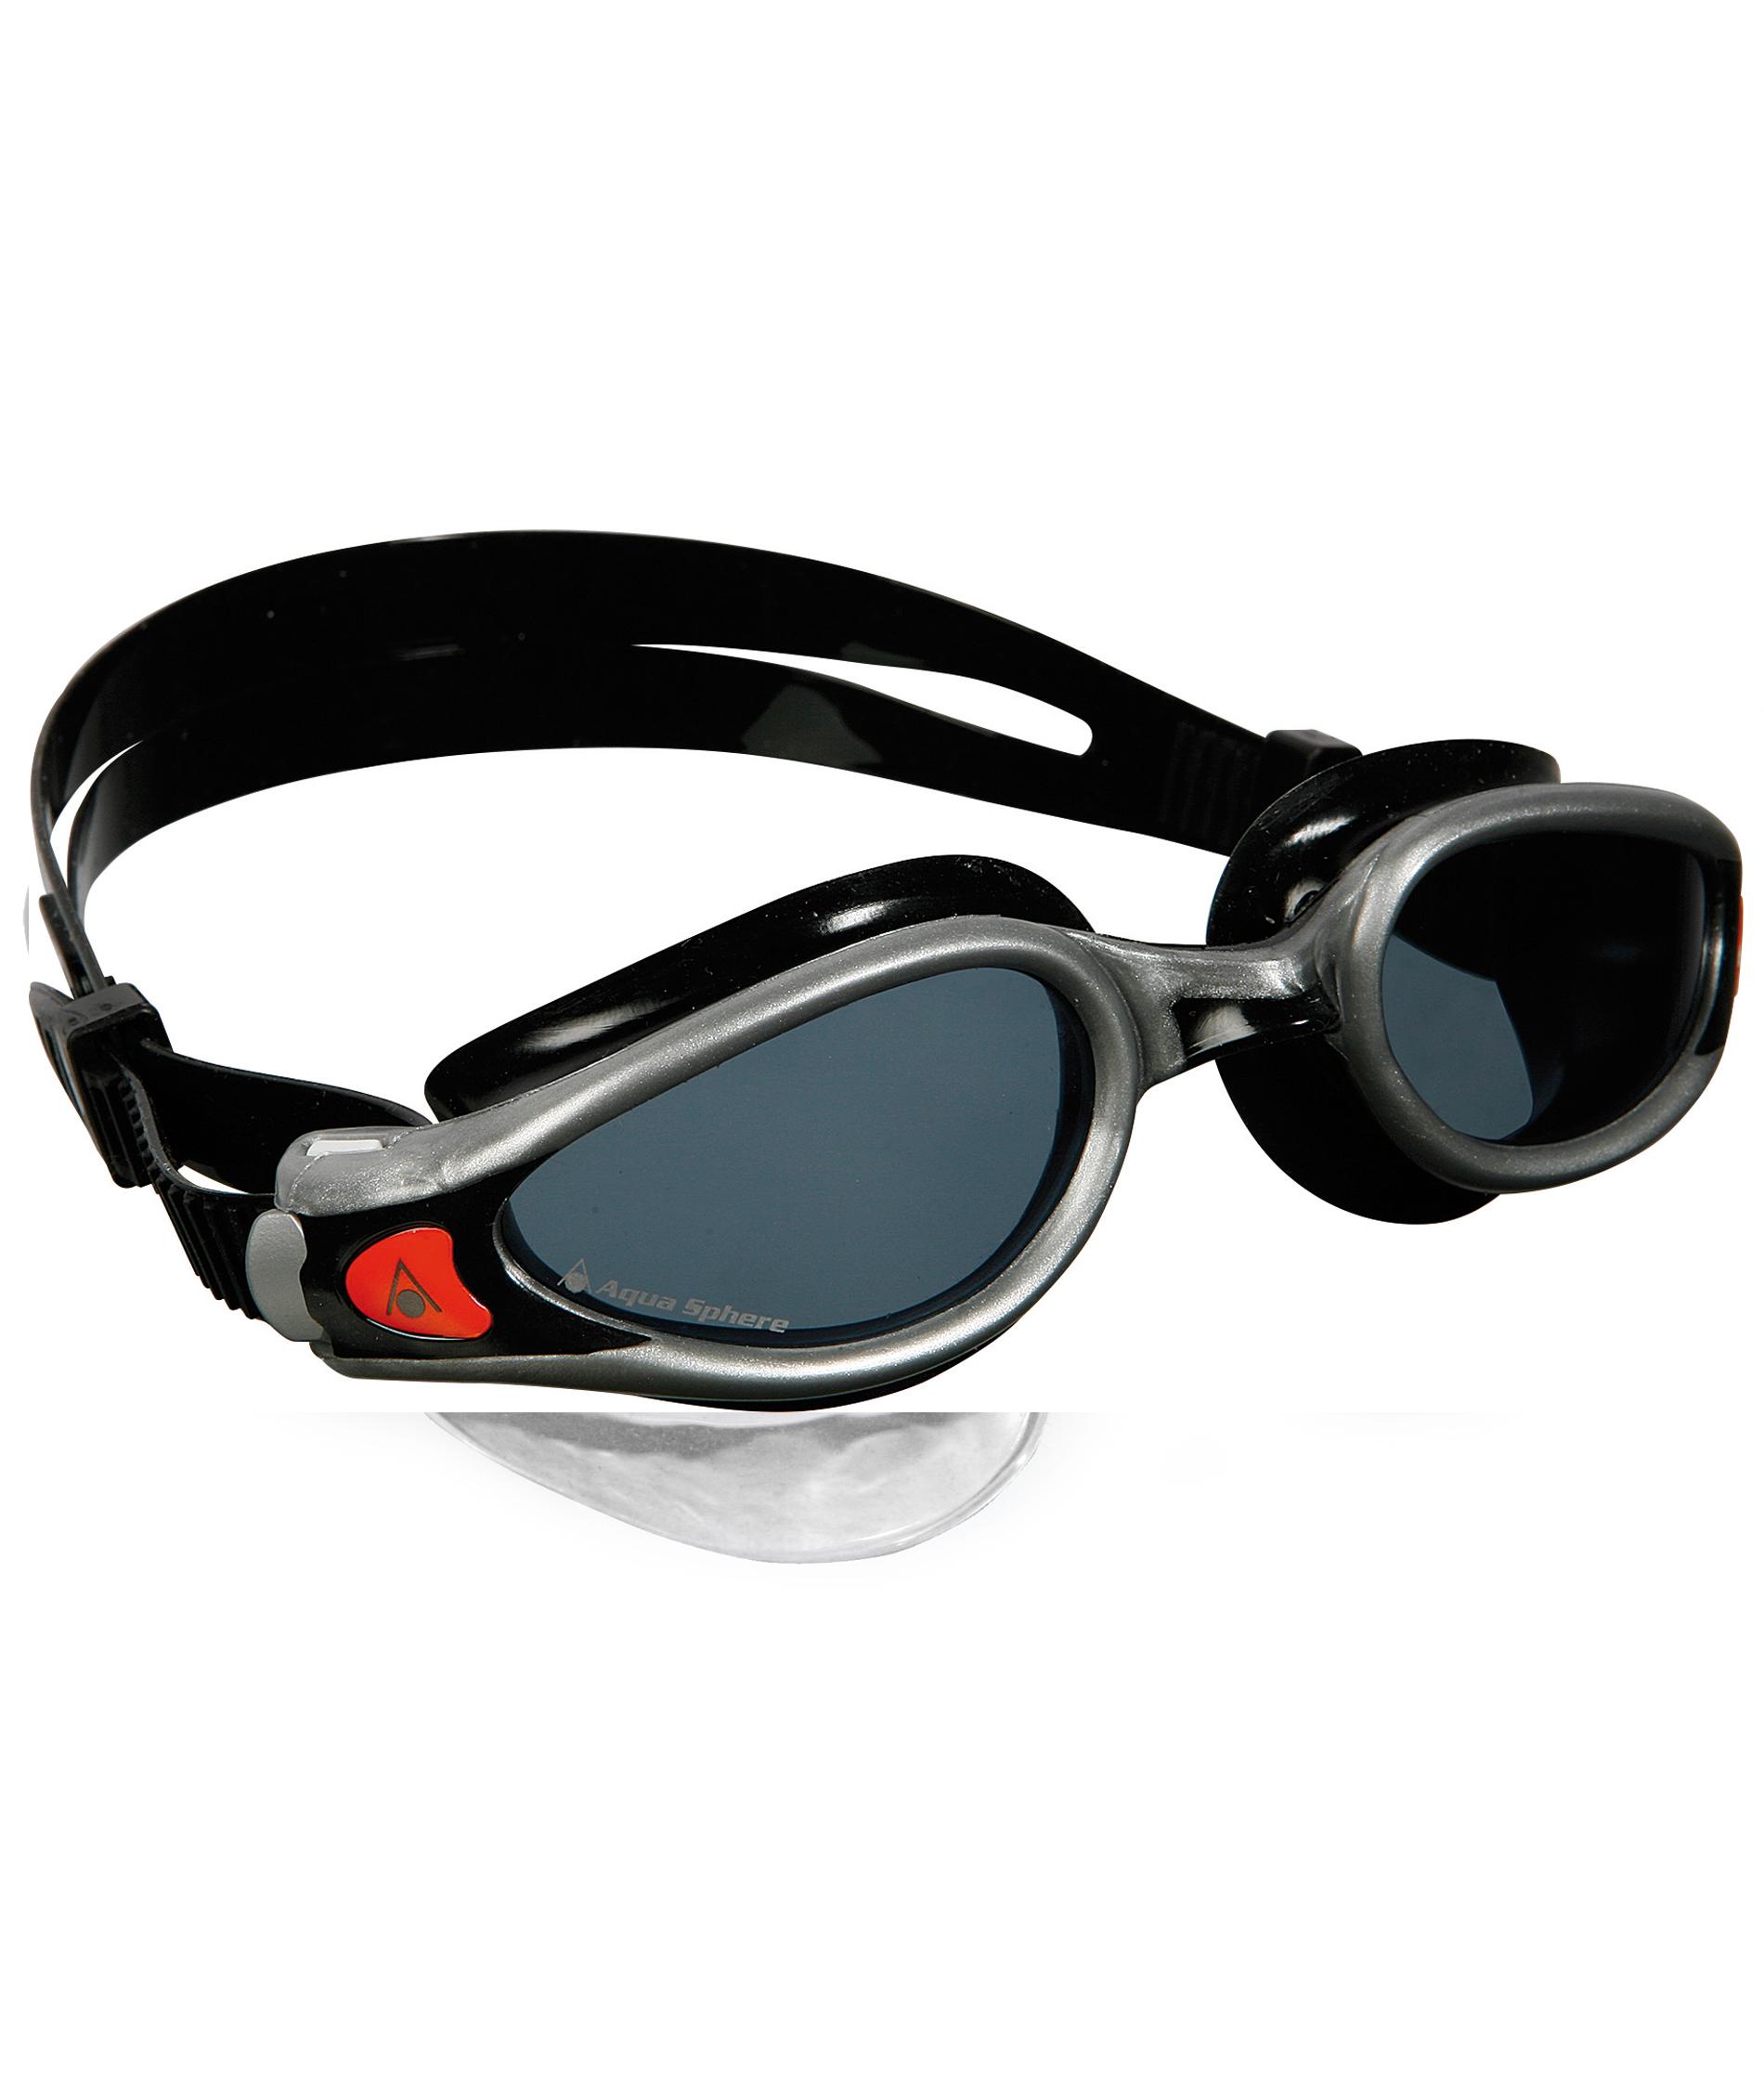 Goggles Dolphin Swimware